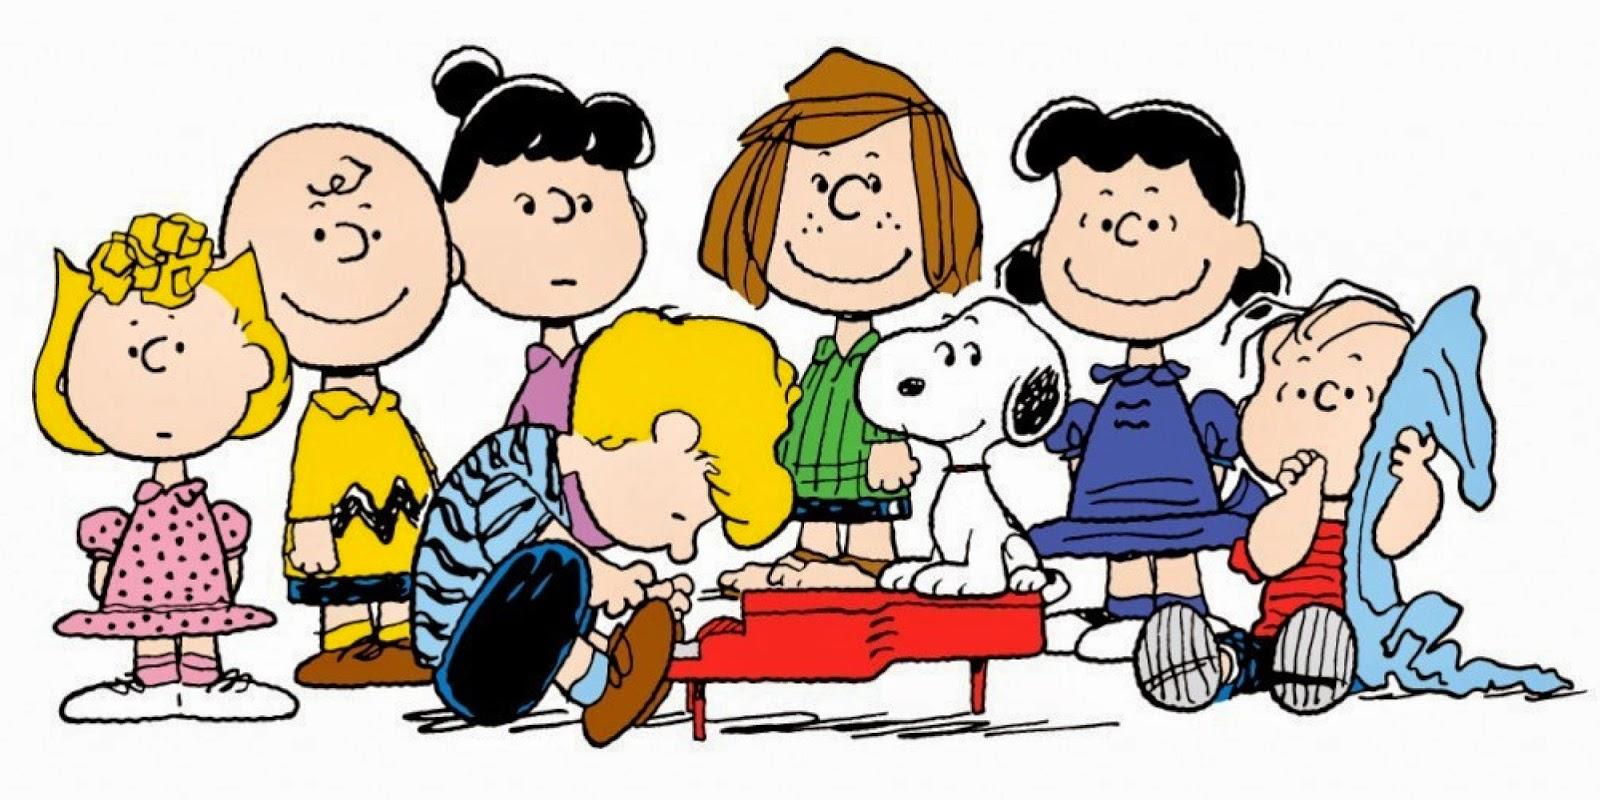 Free Peanuts Cliparts, Download Free Clip Art, Free Clip Art.